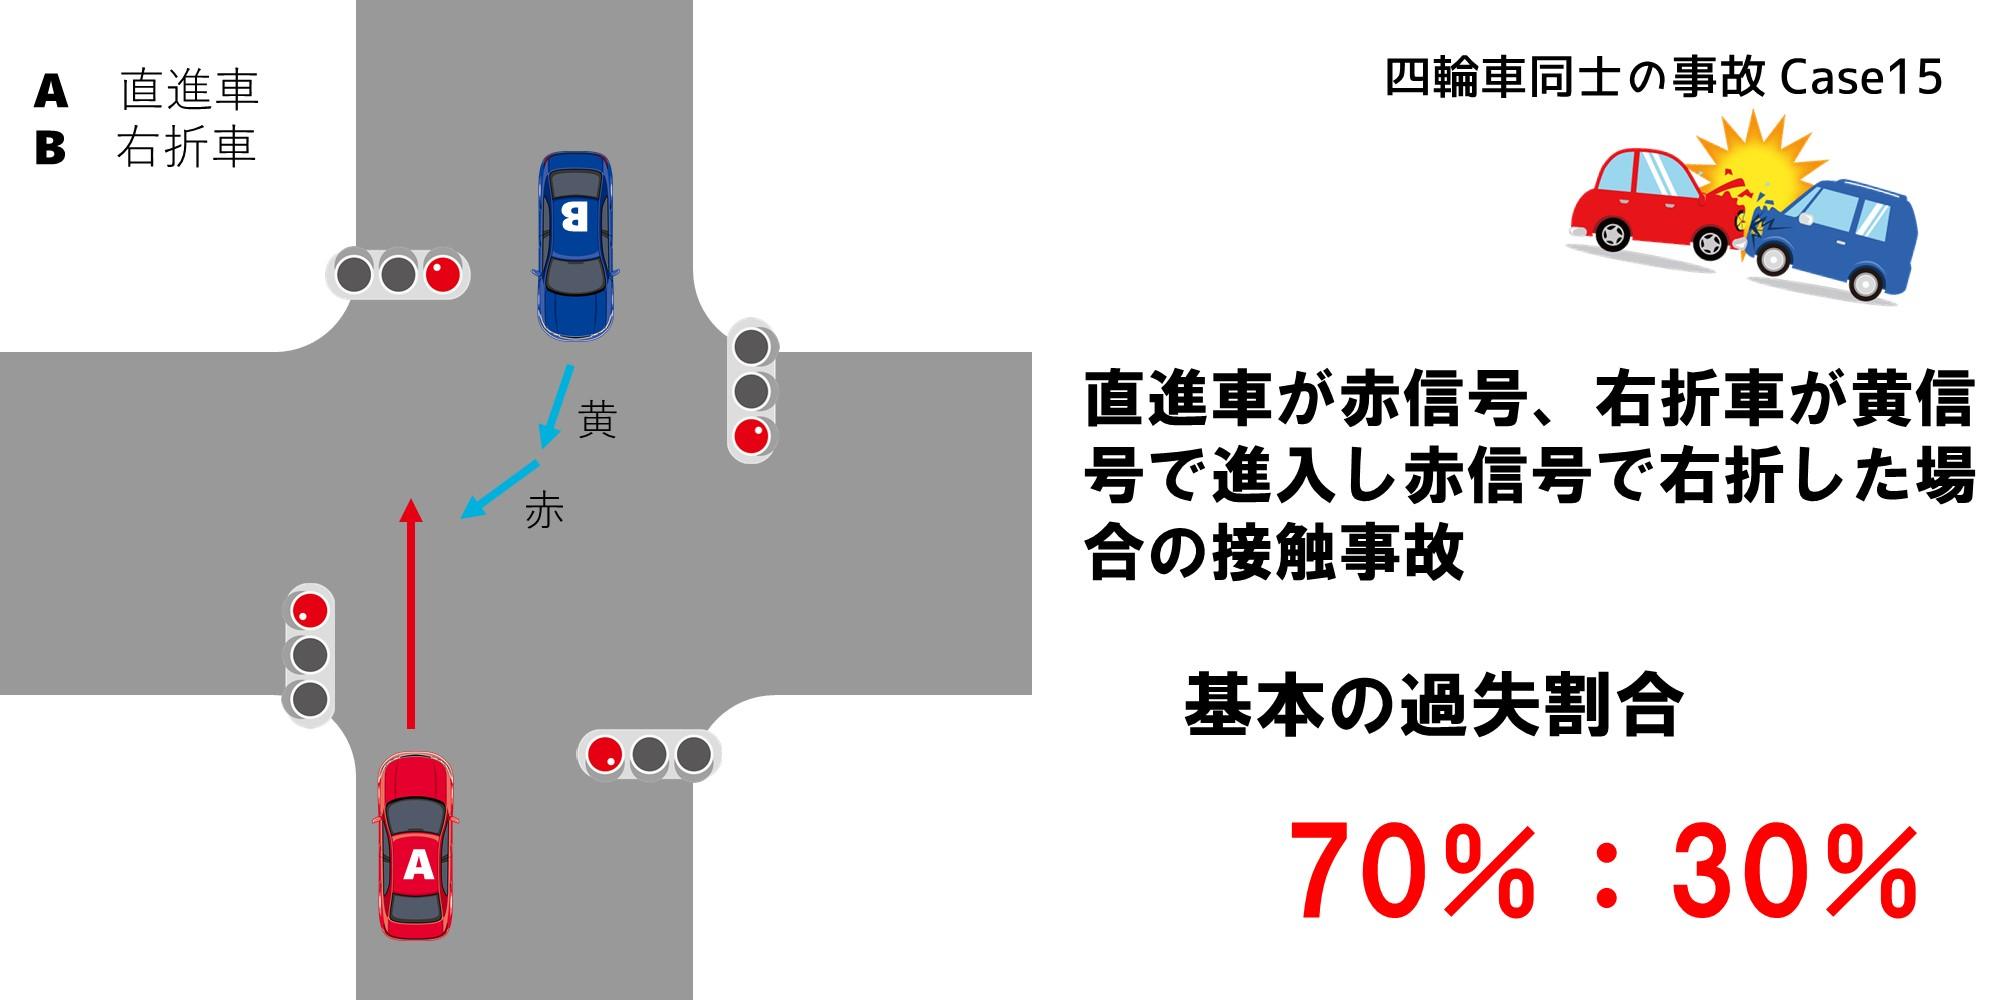 直進車が赤信号、右折車が黄信号で進入し赤信号になって右折した場合の修正要素